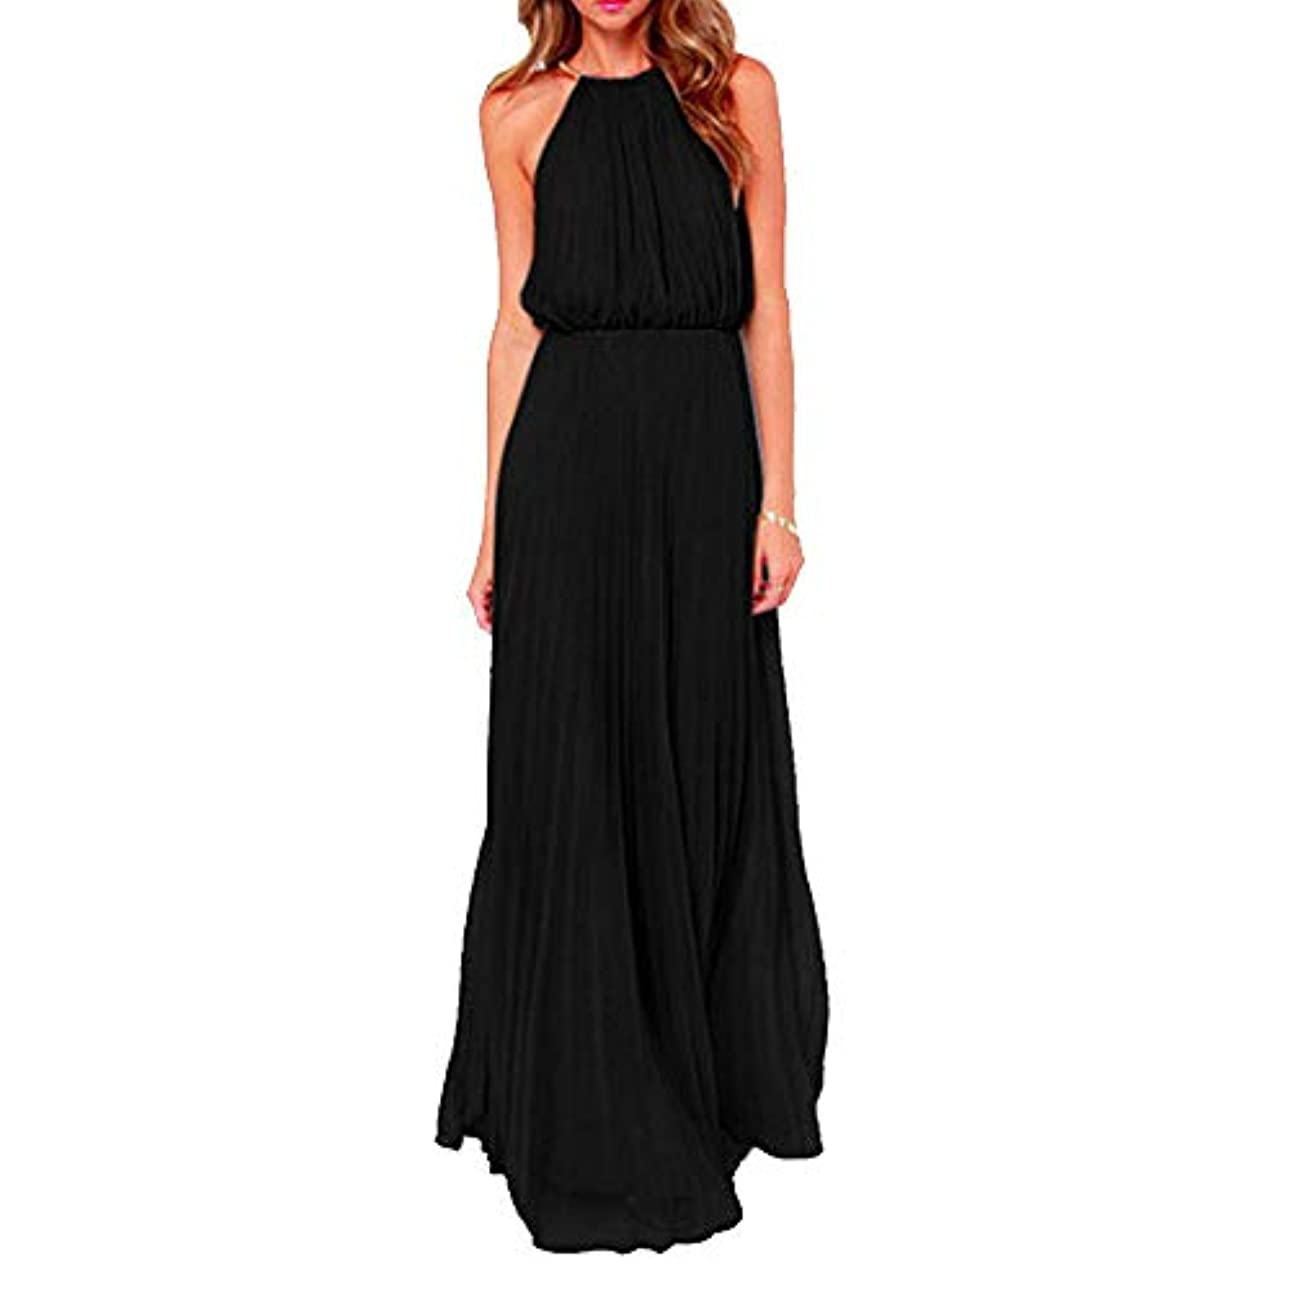 販売計画販売計画オーブンMIFANロングドレス、セクシーなドレス、エレガント、女性のファッション、ノースリーブのドレス、ファッションドレス、ニット、スリム